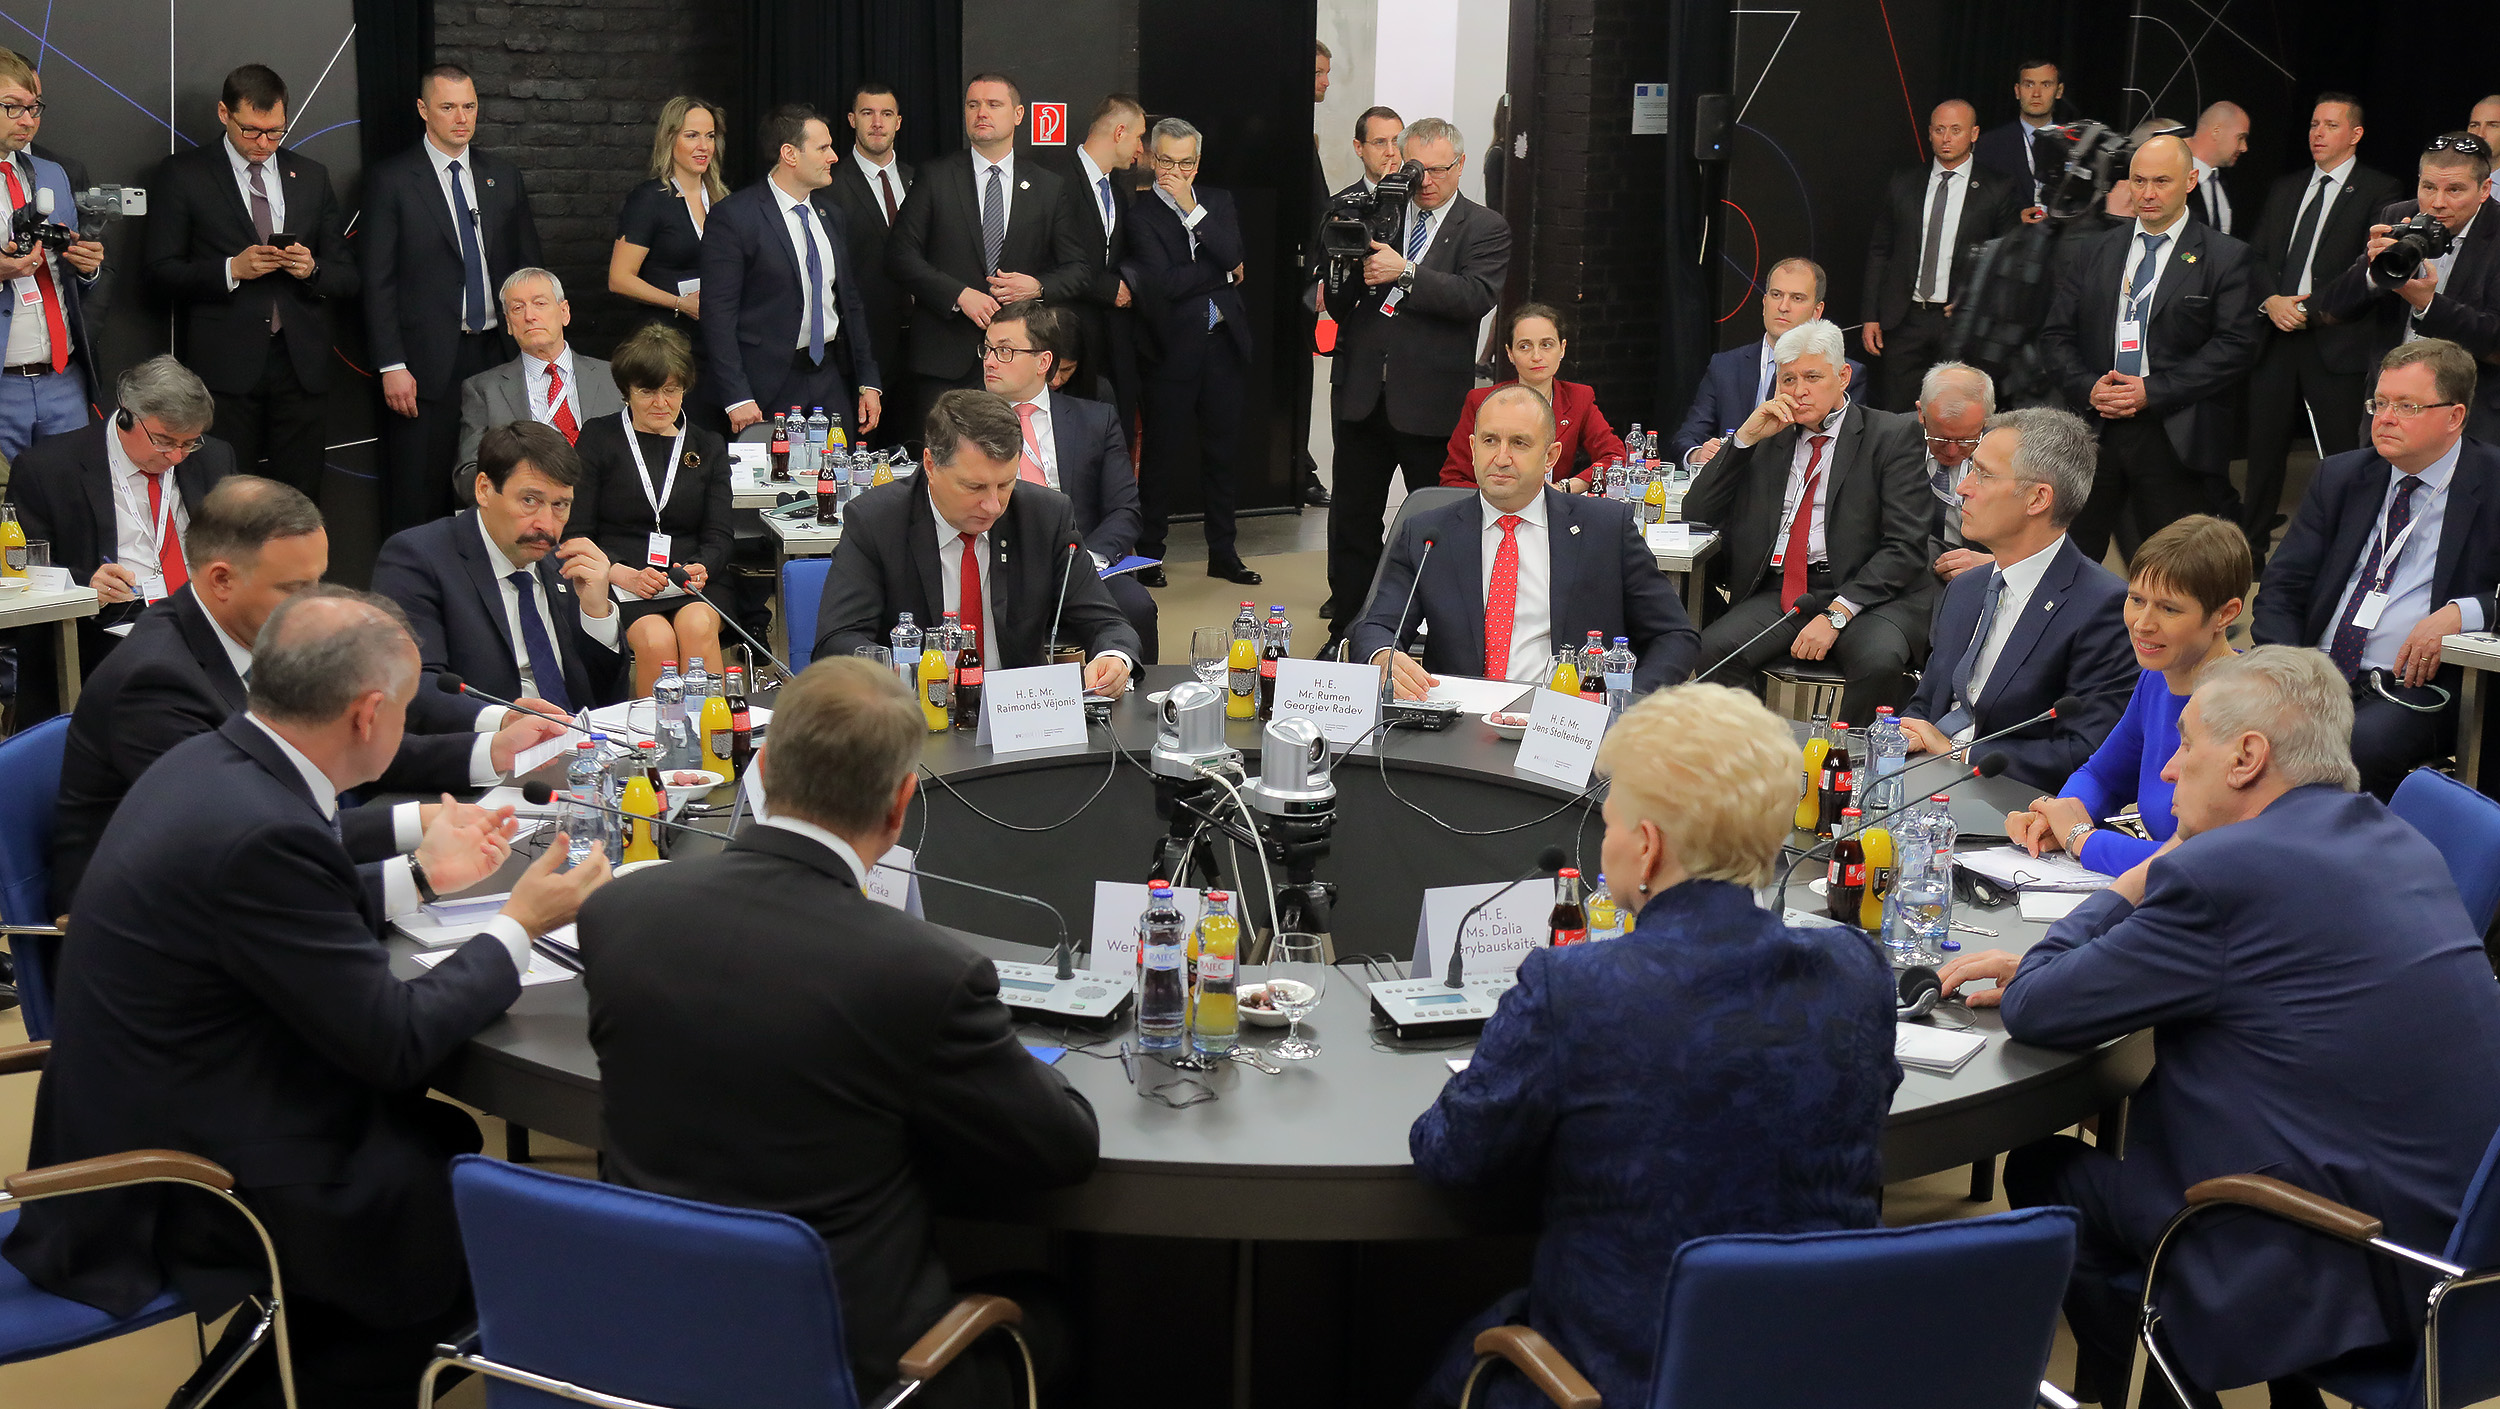 Румен Радев в срещата на високо равнище във формат Б9, която се провежда в словашкия град Кошице